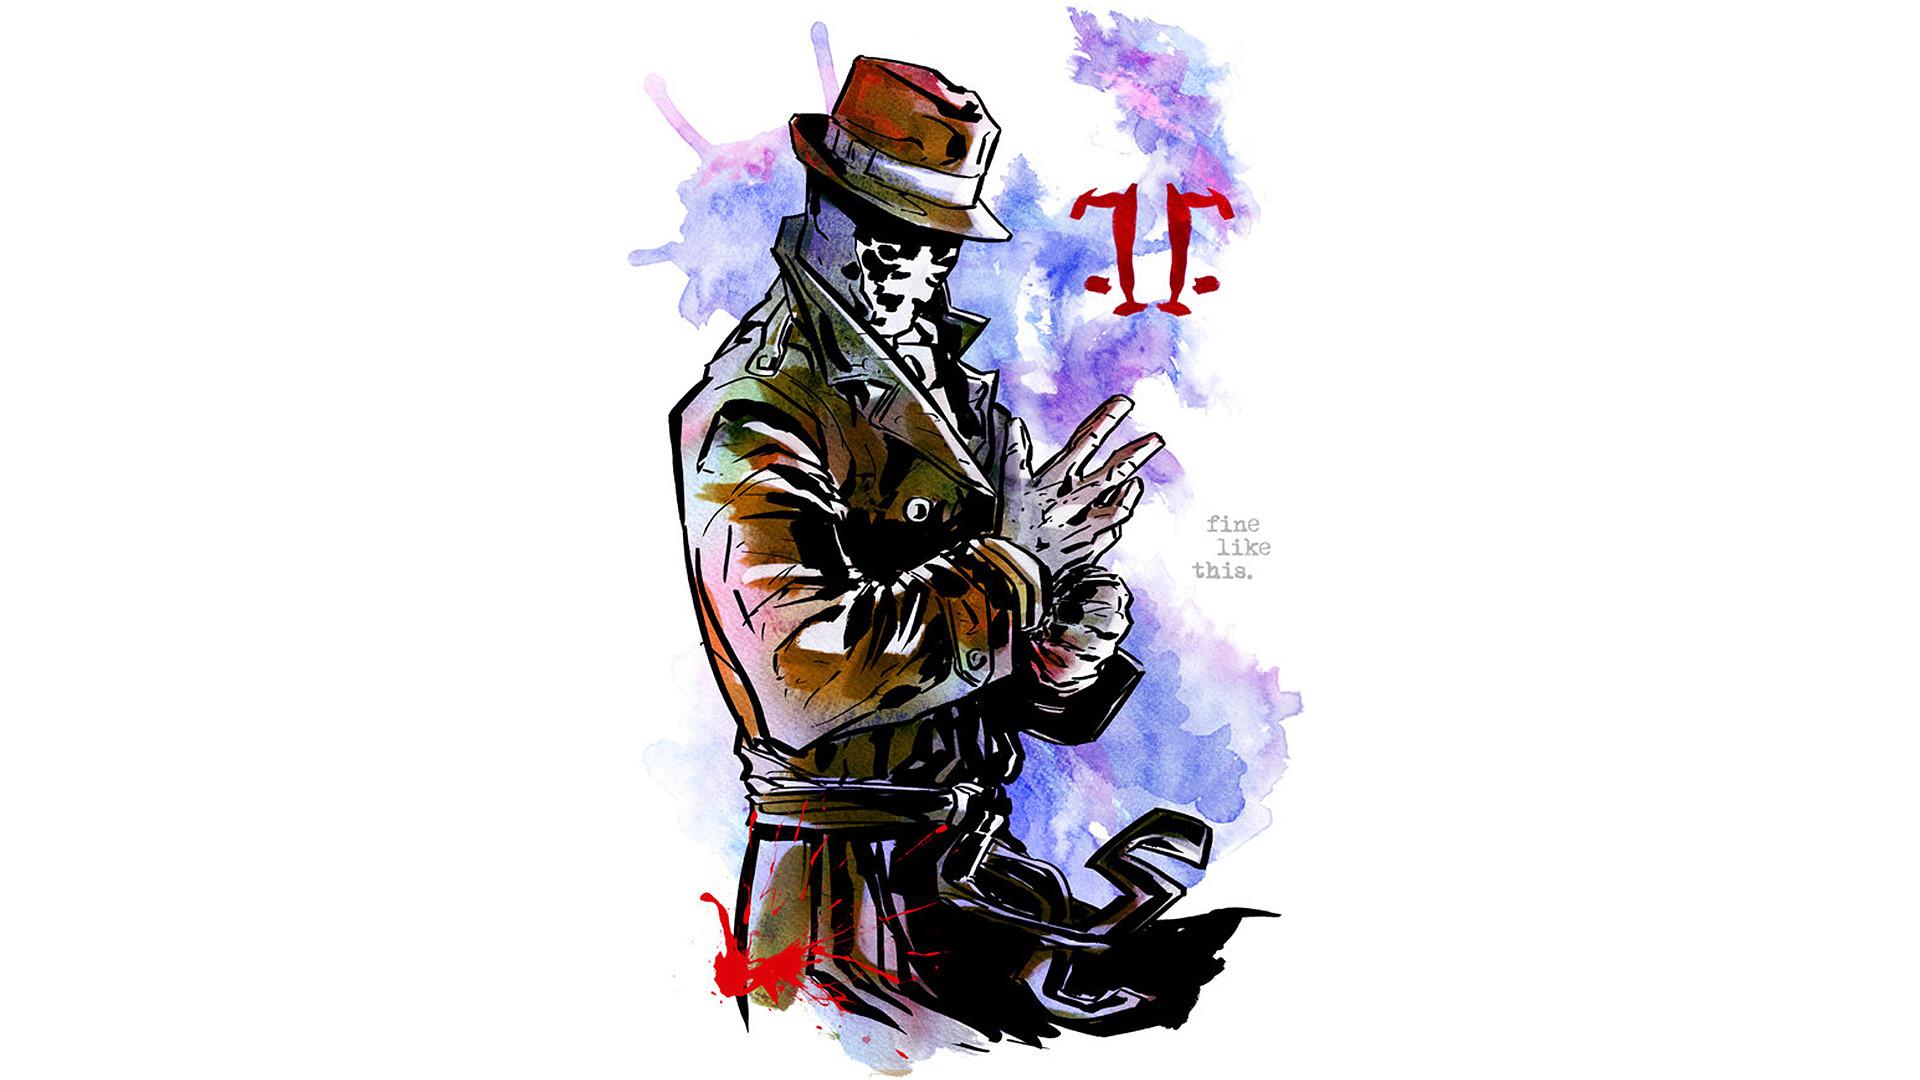 Dc-comics Fan-art Movies Rorschach Watchmen …